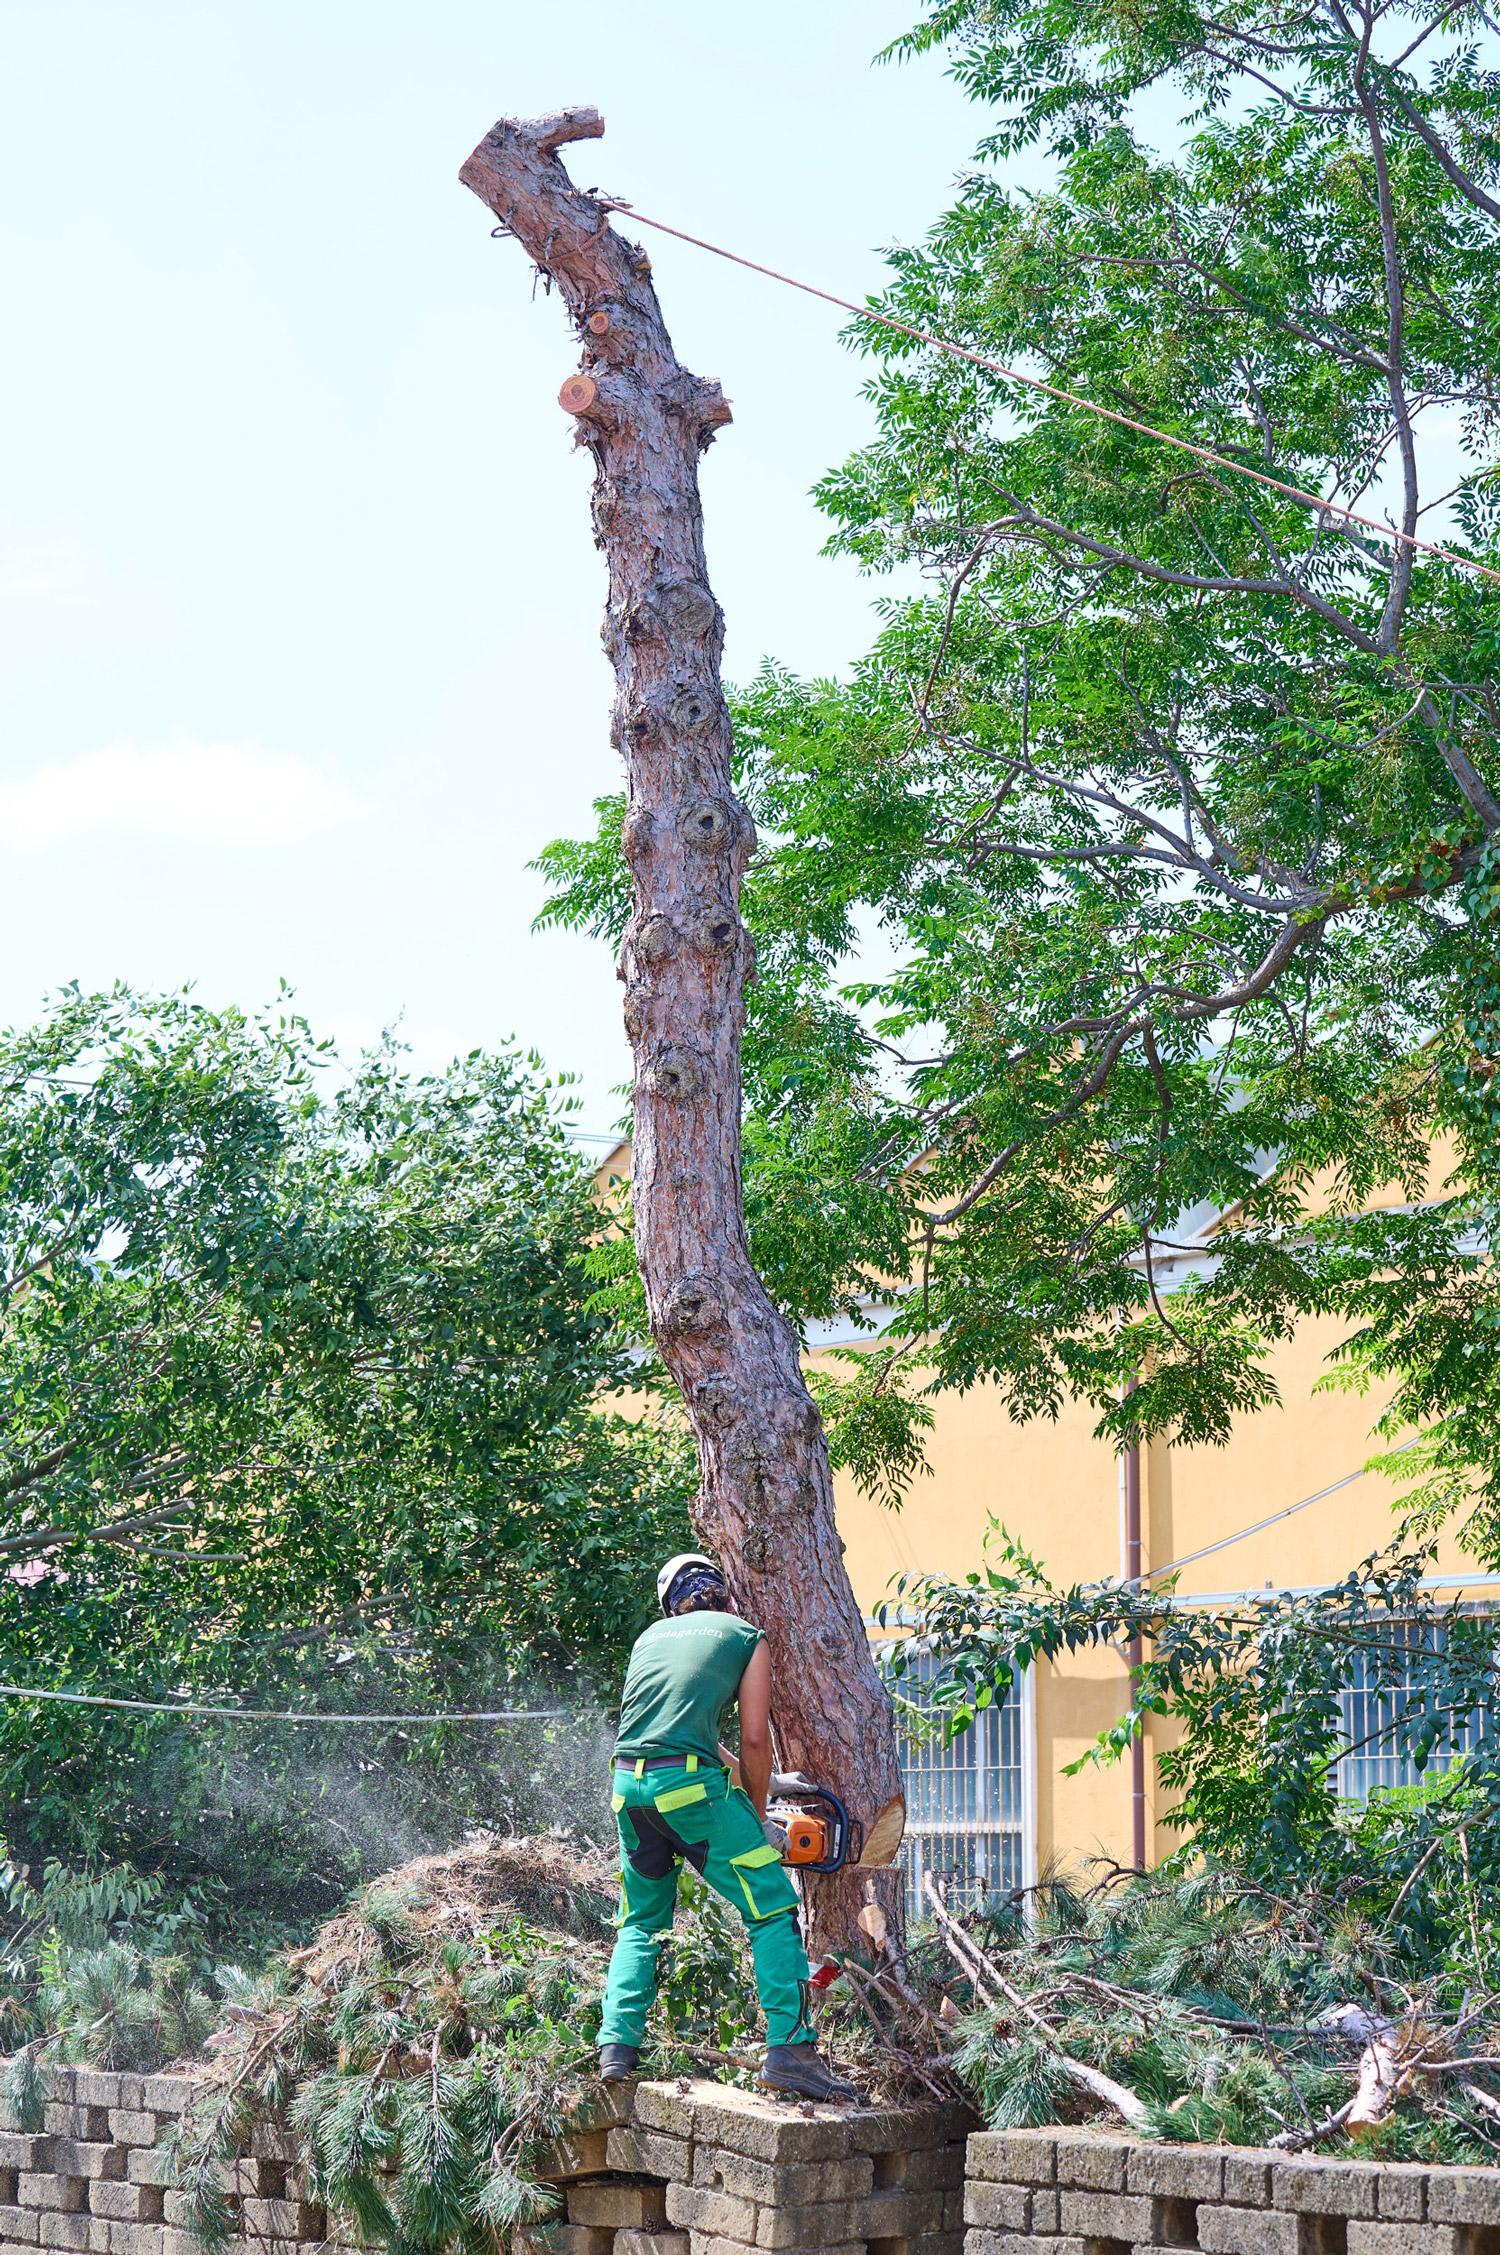 Potatura e abbattimento alberi ad alto fusto